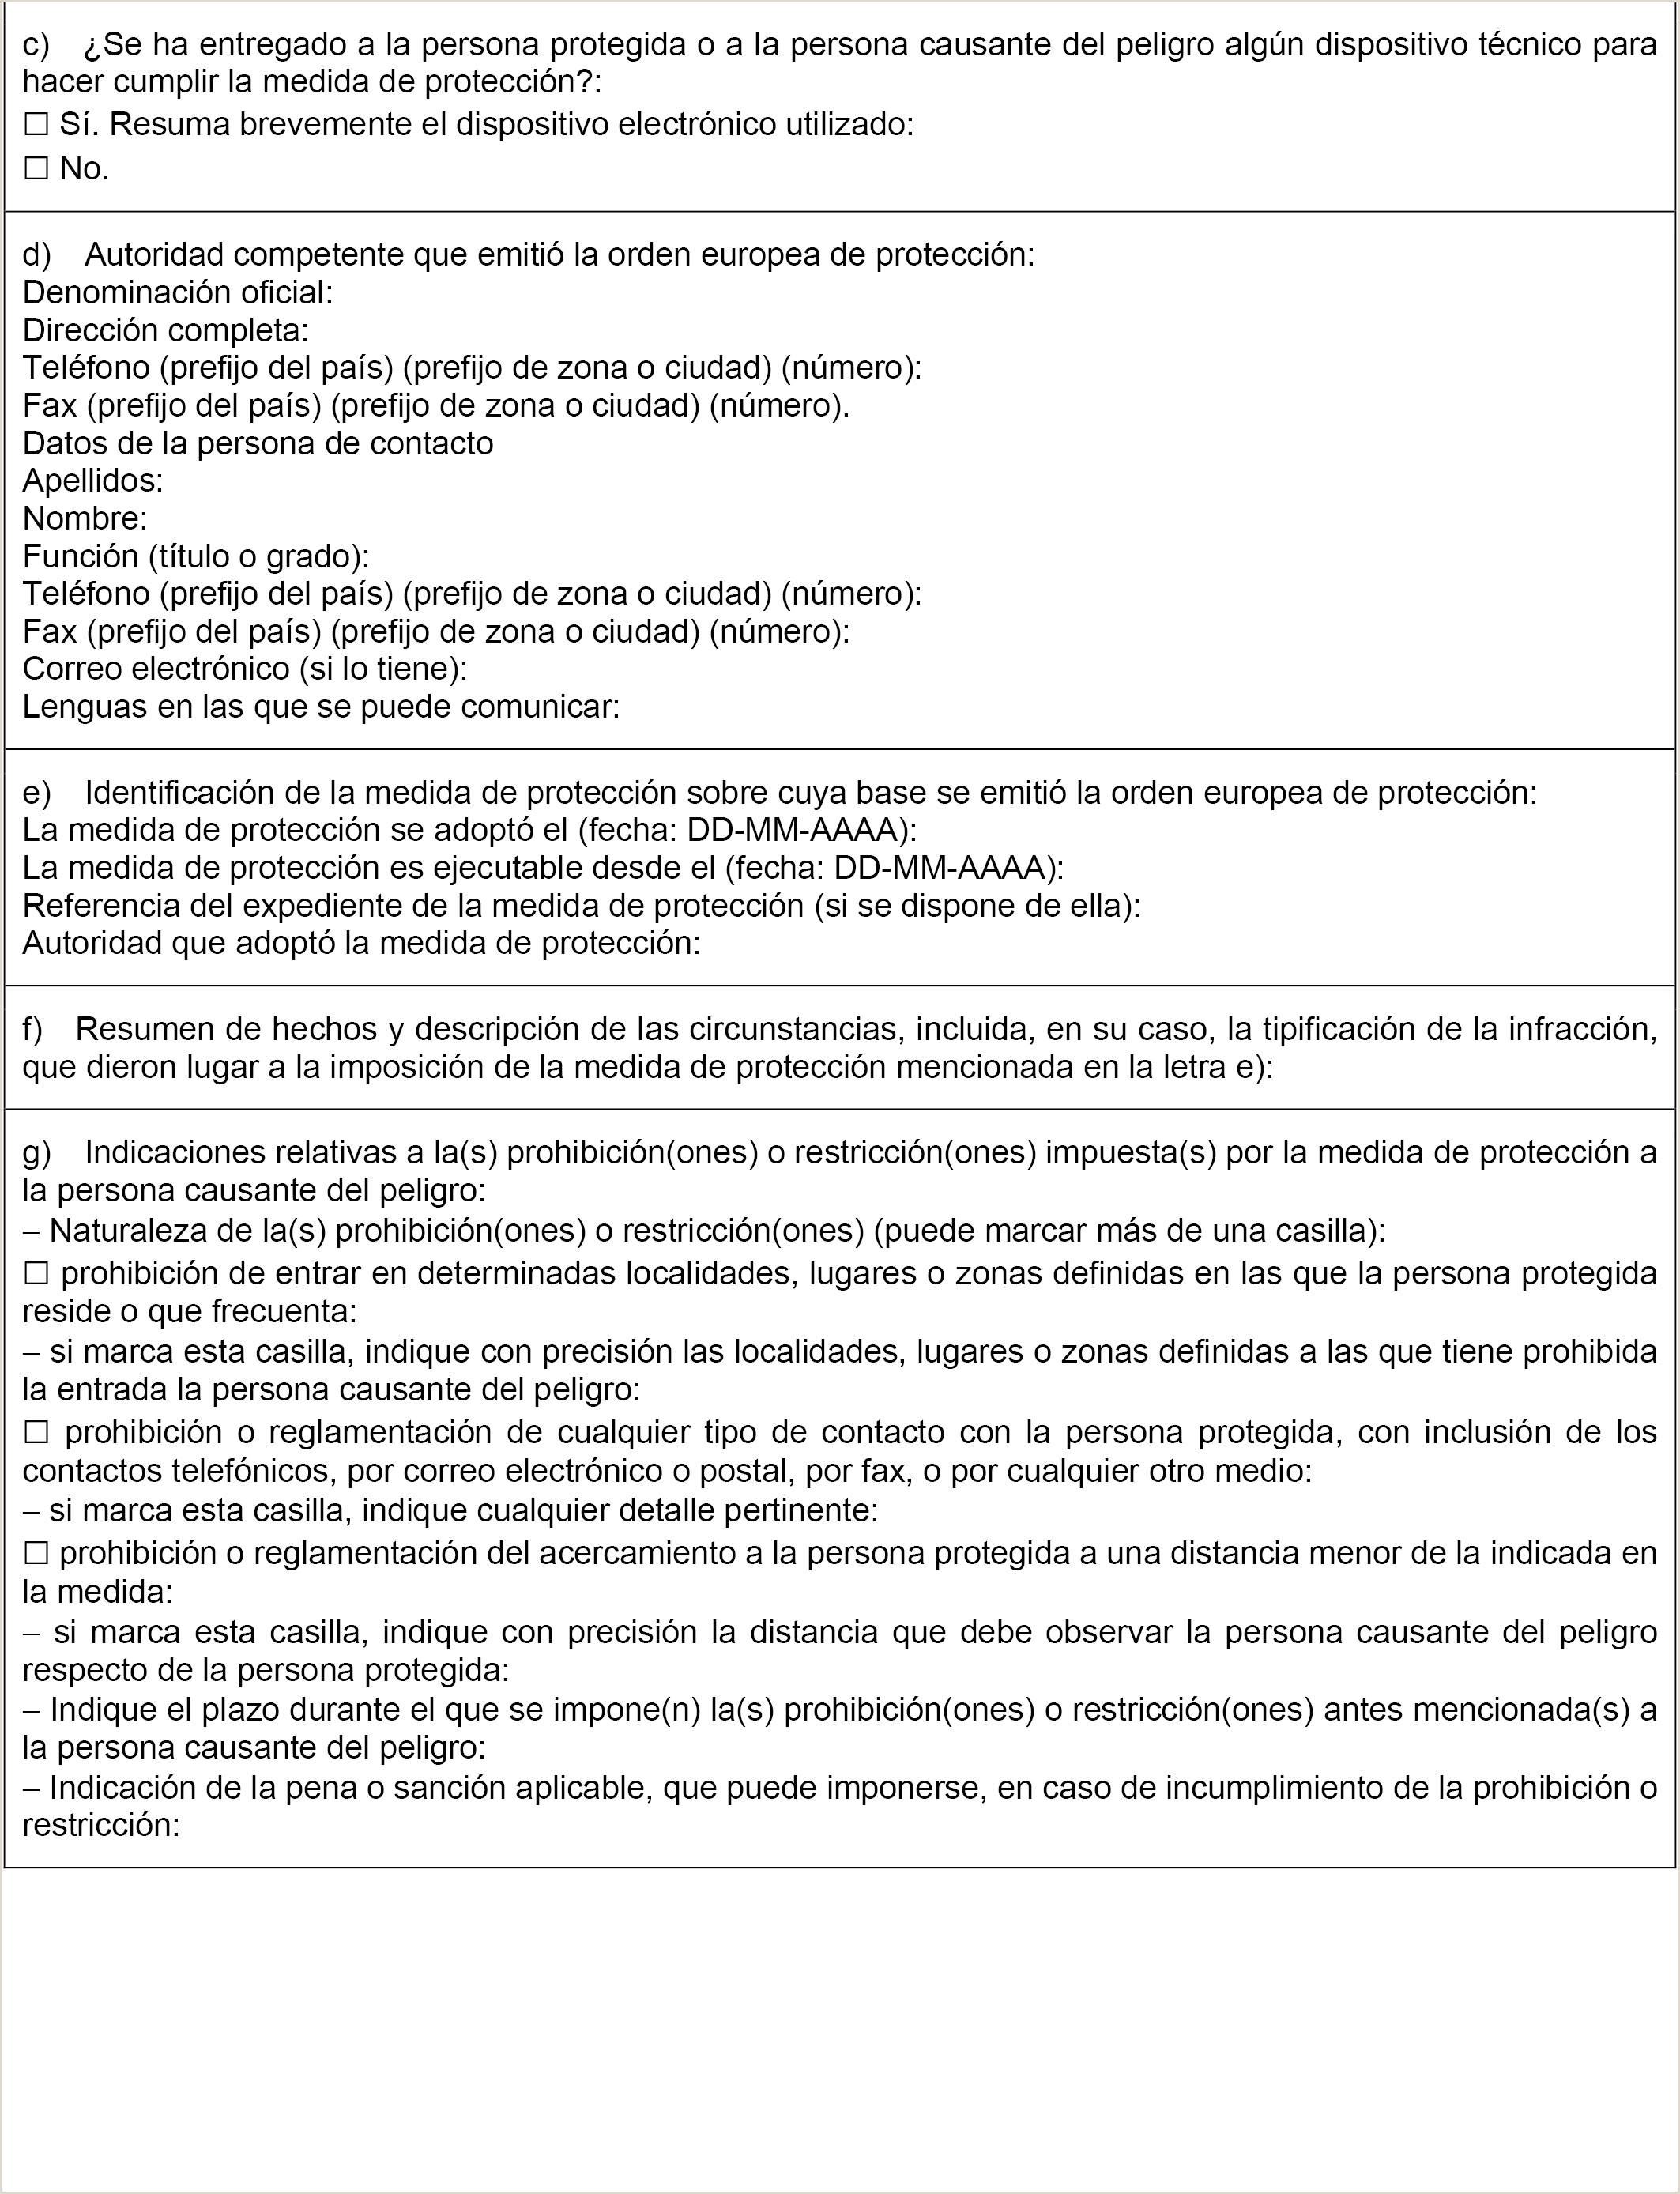 Formato De Hoja De Vida Funcion Publica Persona Juridica Boe Documento Consolidado Boe A 2014